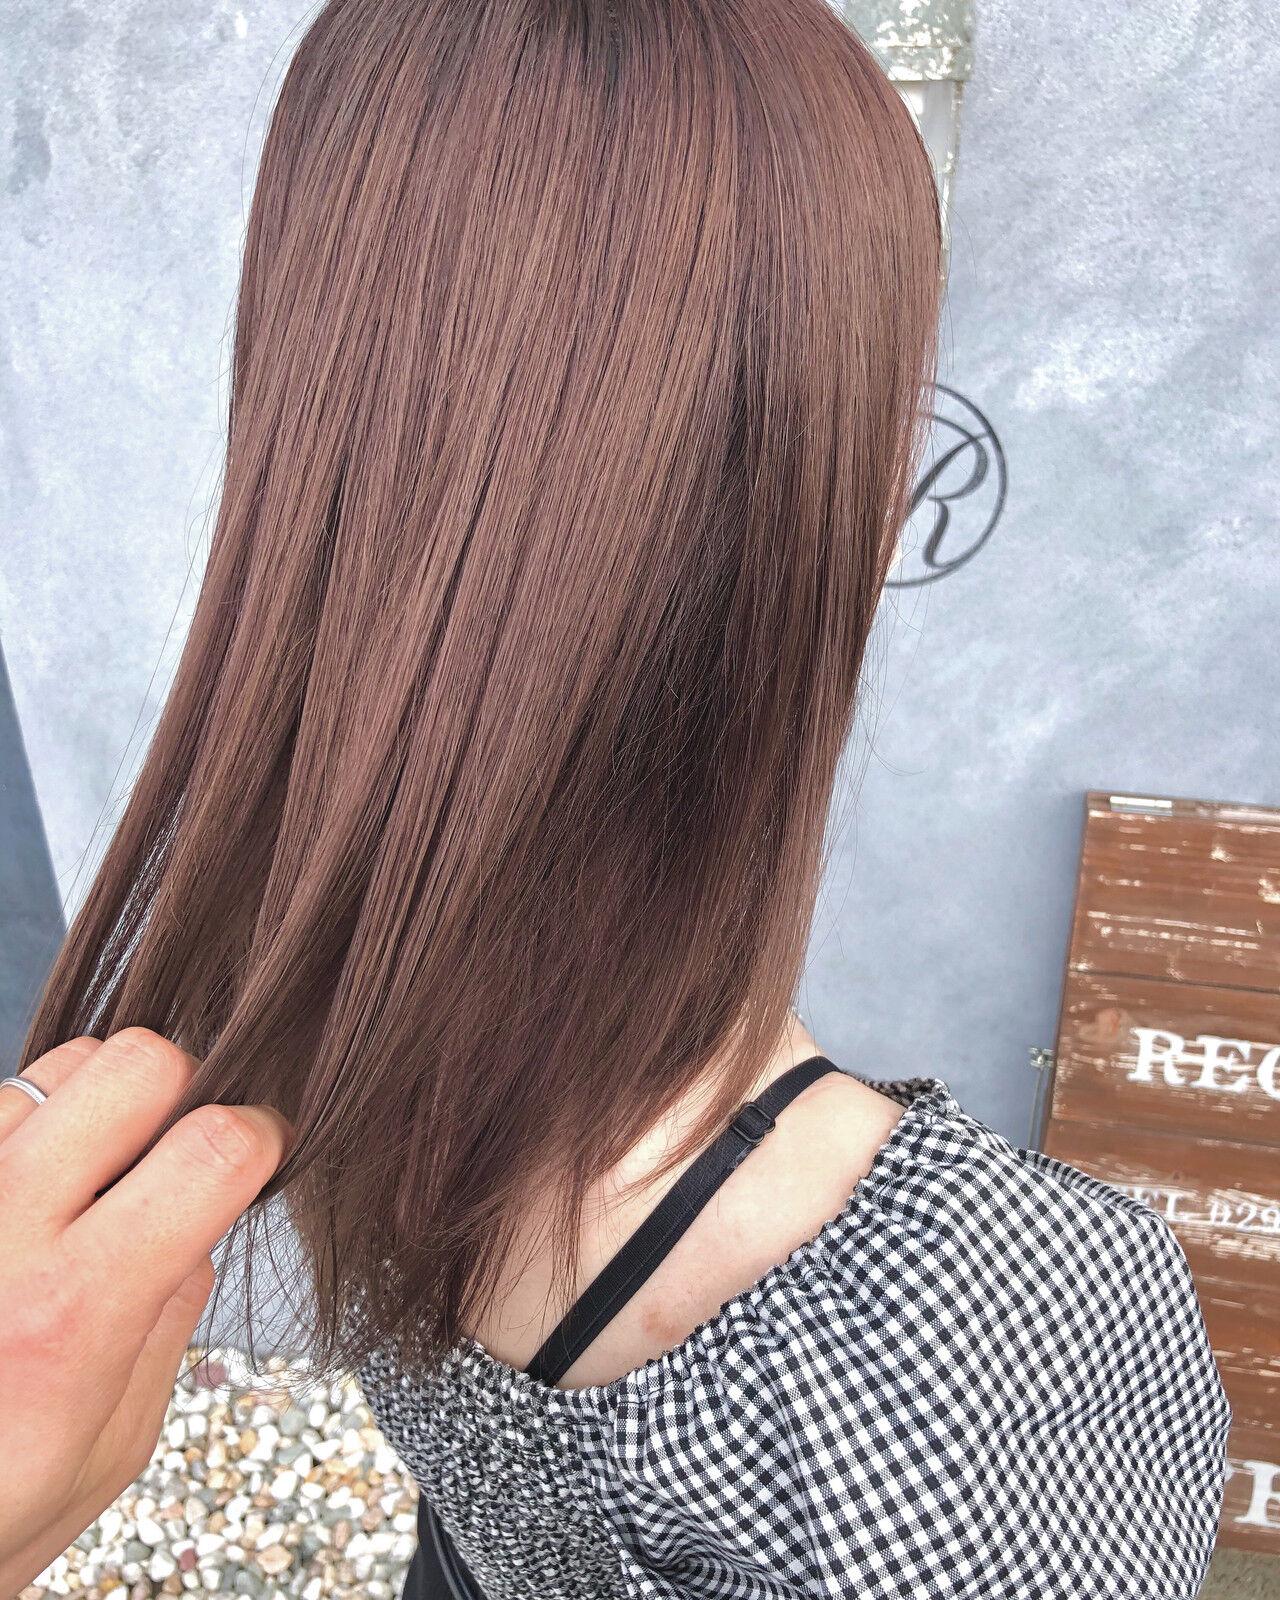 ガーリー ピンクベージュ ラズベリーピンク ピンクブラウンヘアスタイルや髪型の写真・画像